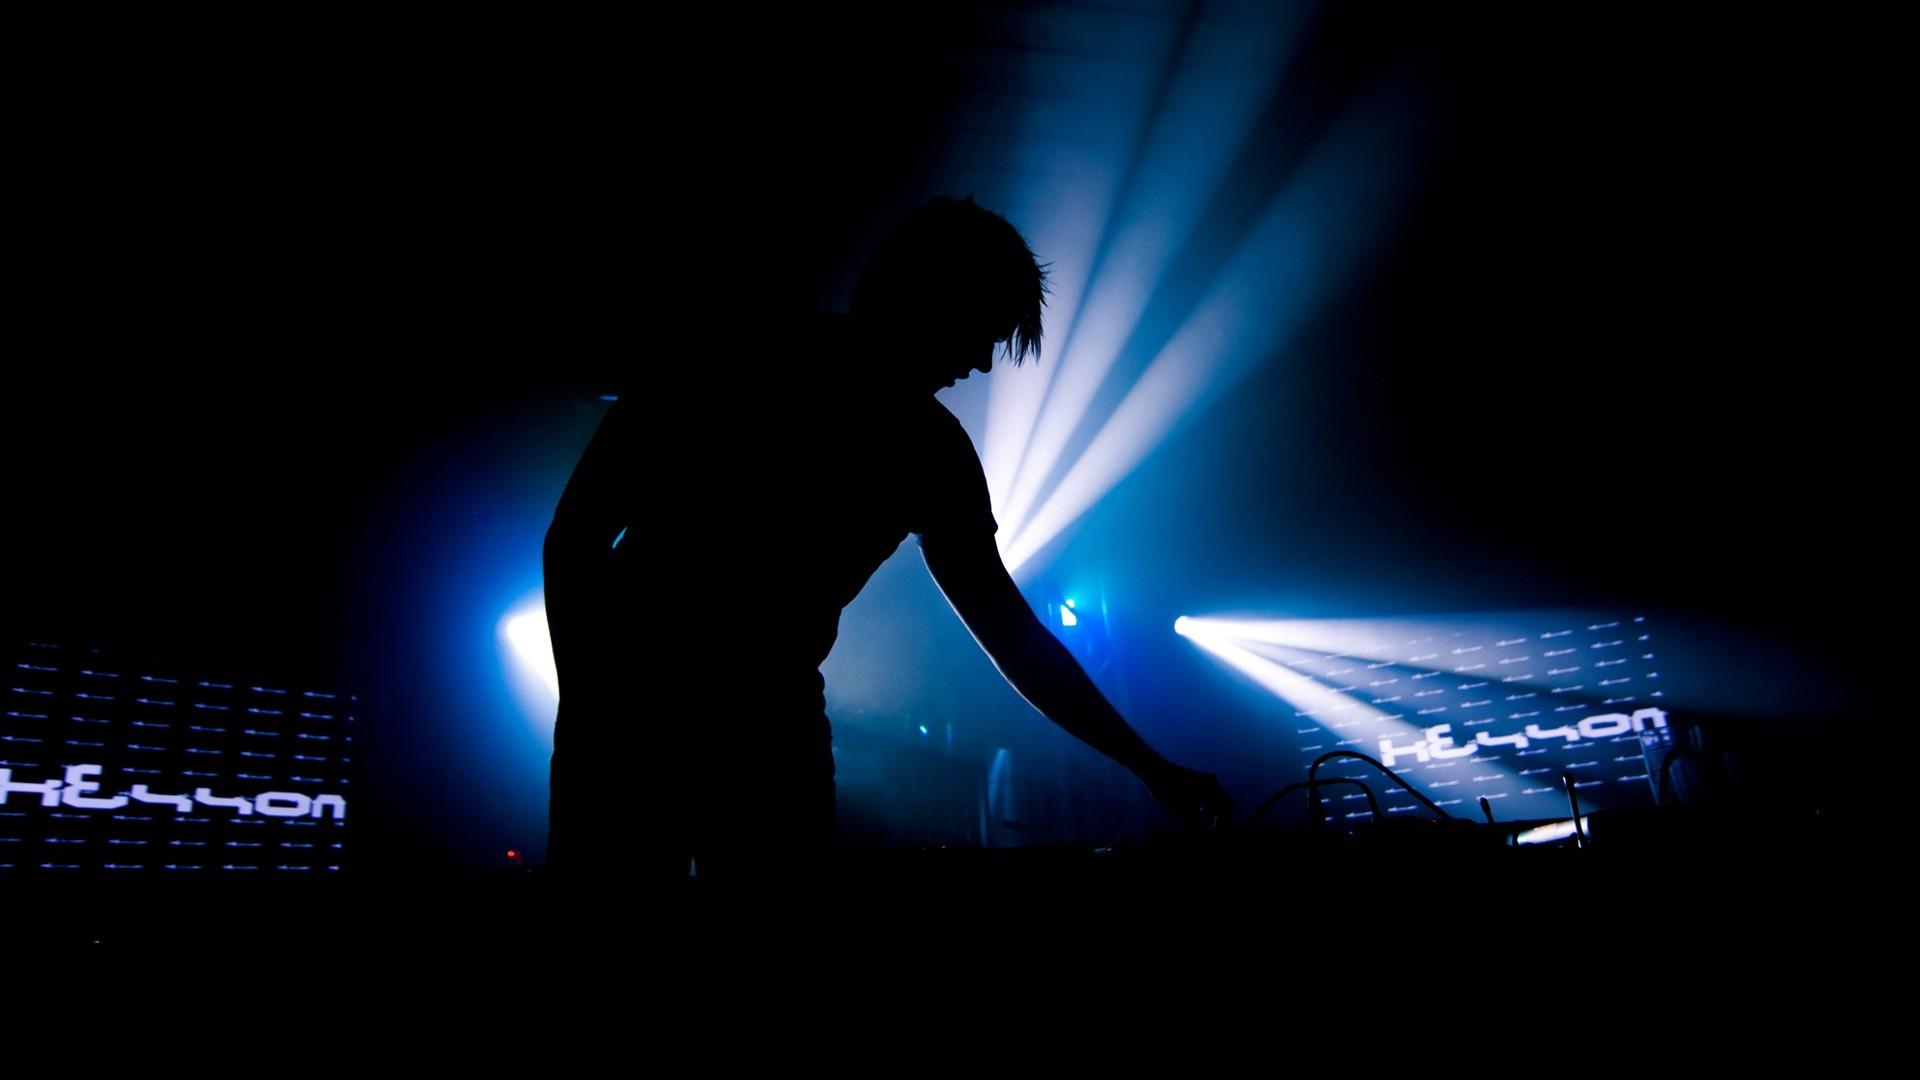 Dj hd wallpapers 1080p wallpapersafari for Dark house music